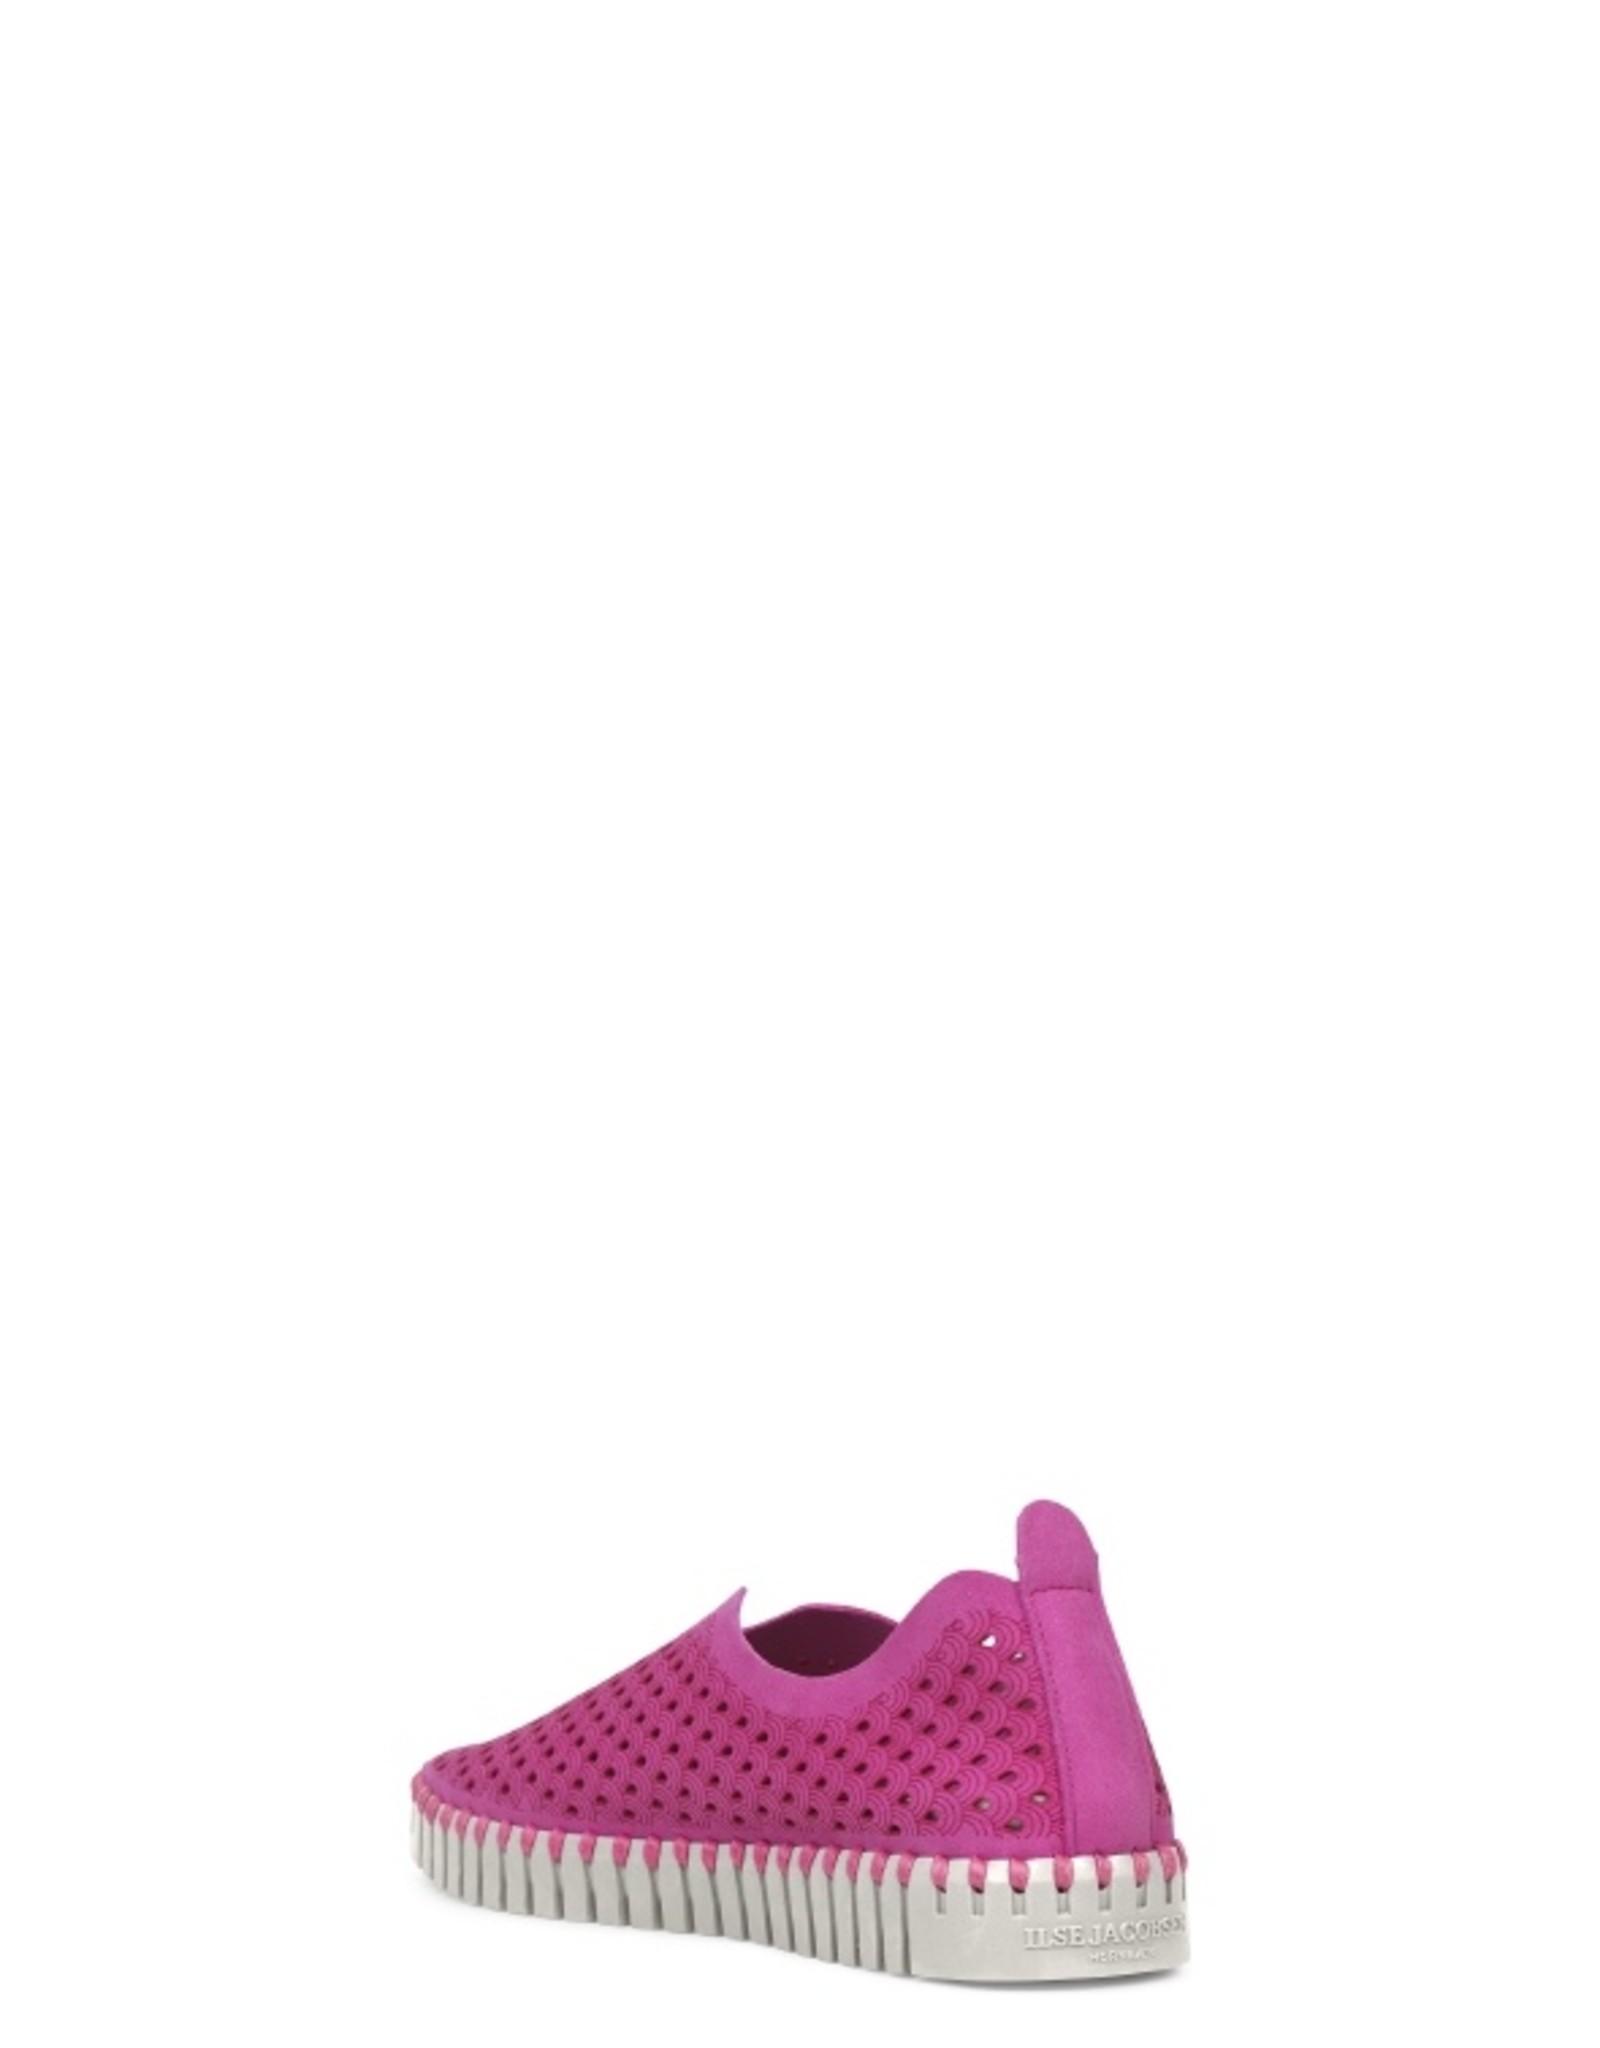 Ilse Jacobsen Ilse Jacobsen Tulip Slip on Flats in Rose Violet